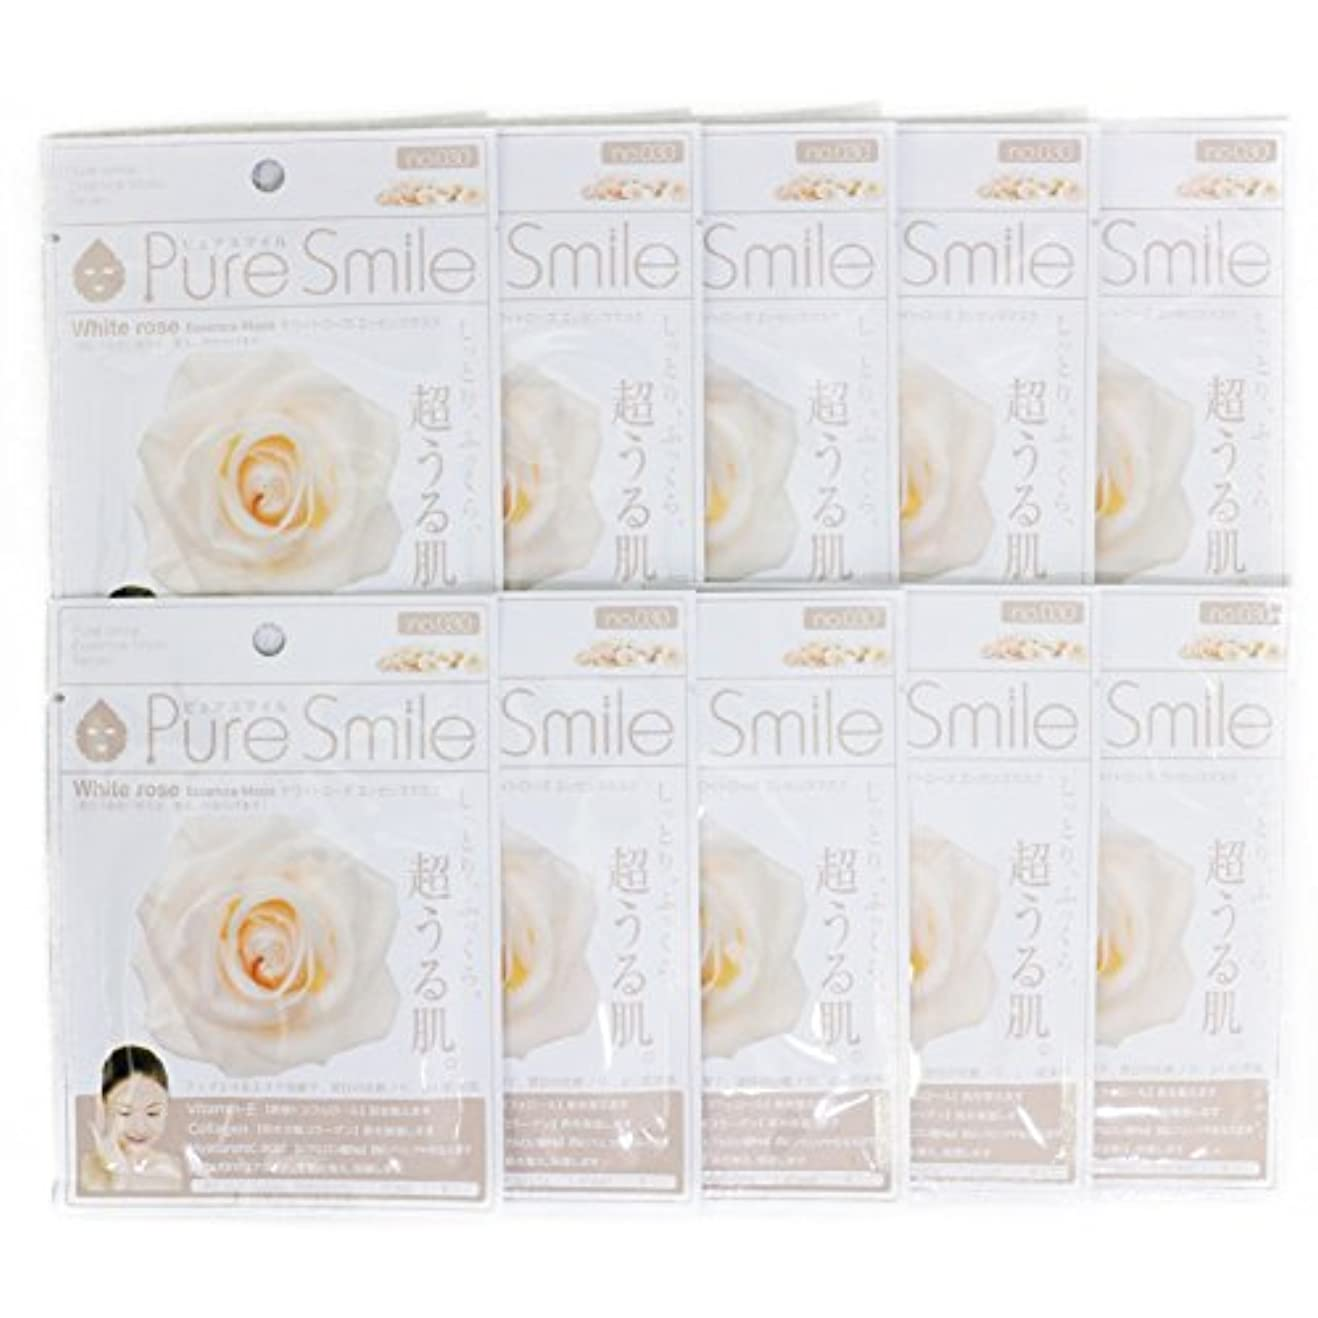 トリプル理論そのPure Smile ピュアスマイル エッセンスマスク ホワイトローズ 10枚セット